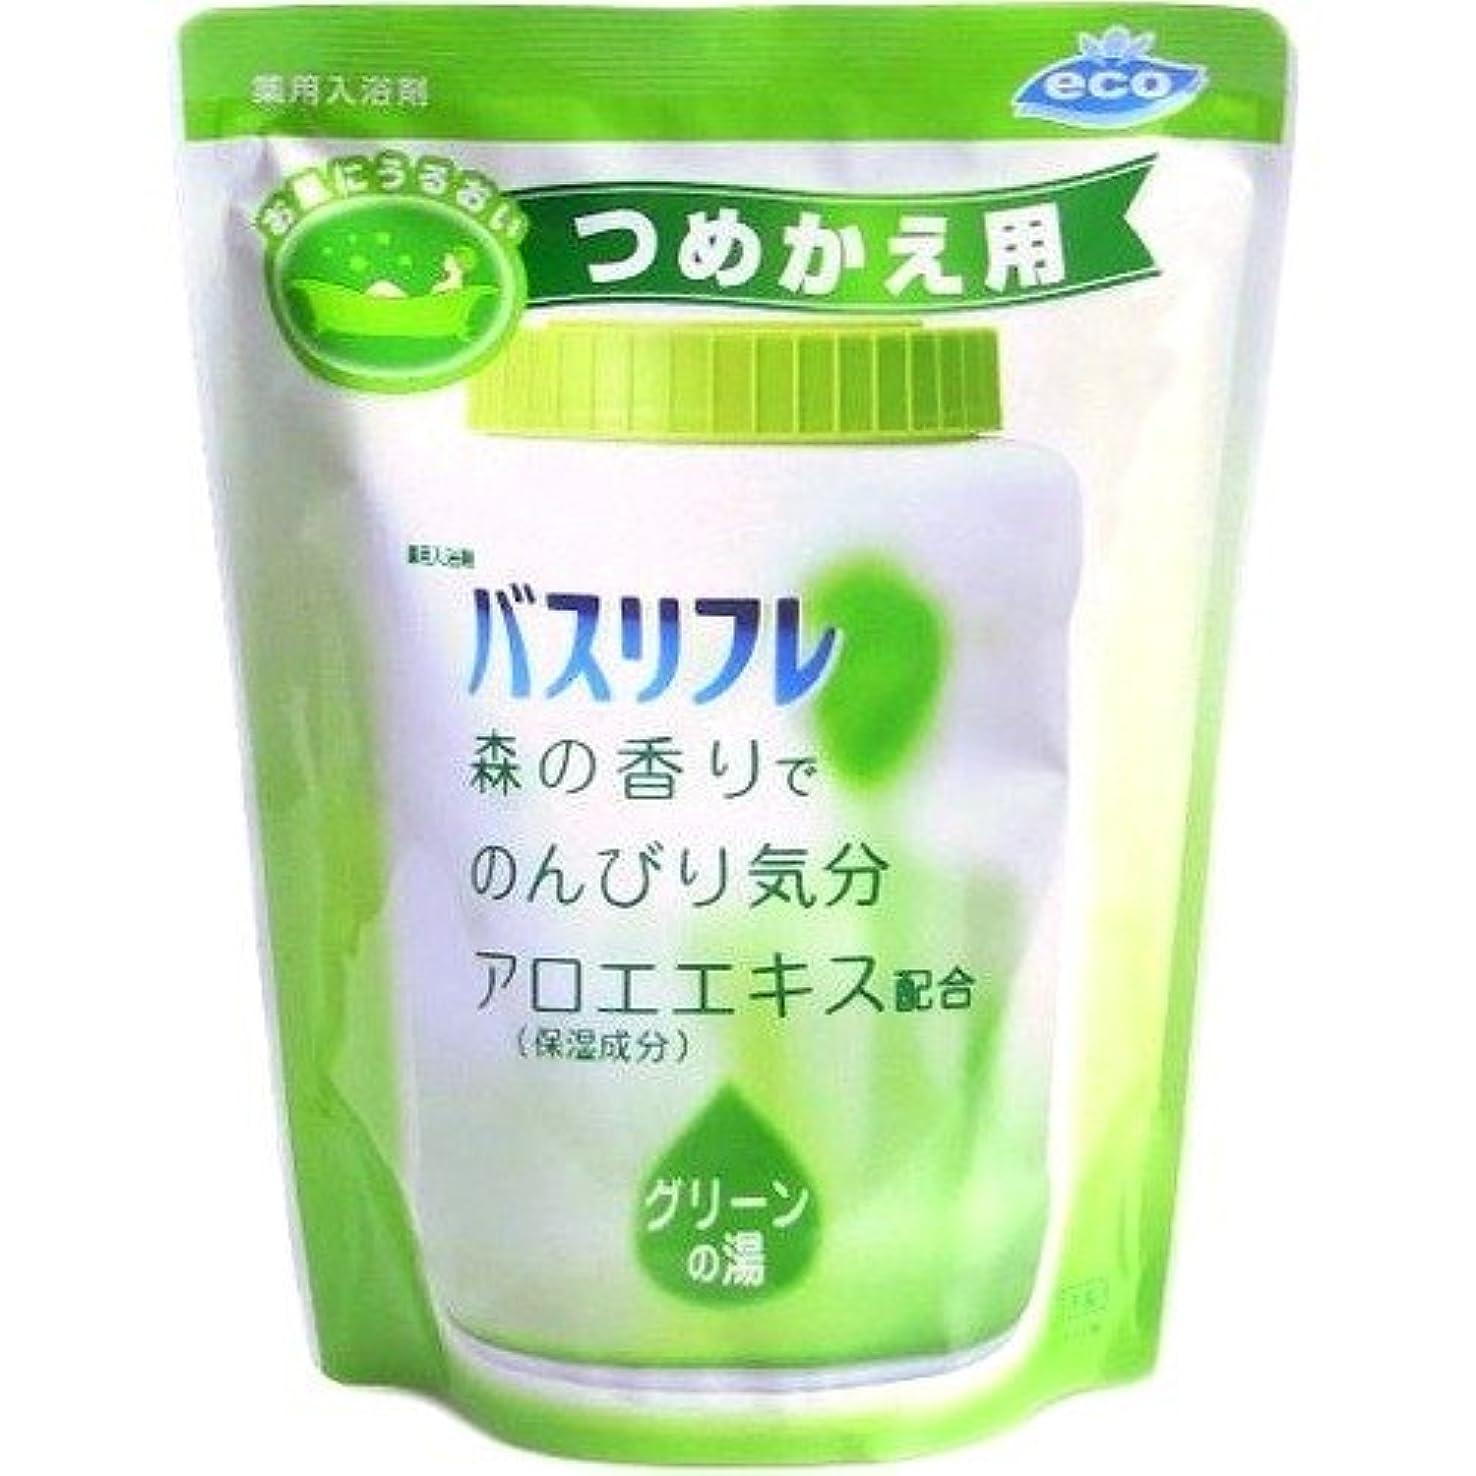 十代在庫バイオレット薬用入浴剤 バスリフレ グリーンの湯 つめかえ用 540g 森の香り (ライオンケミカル)